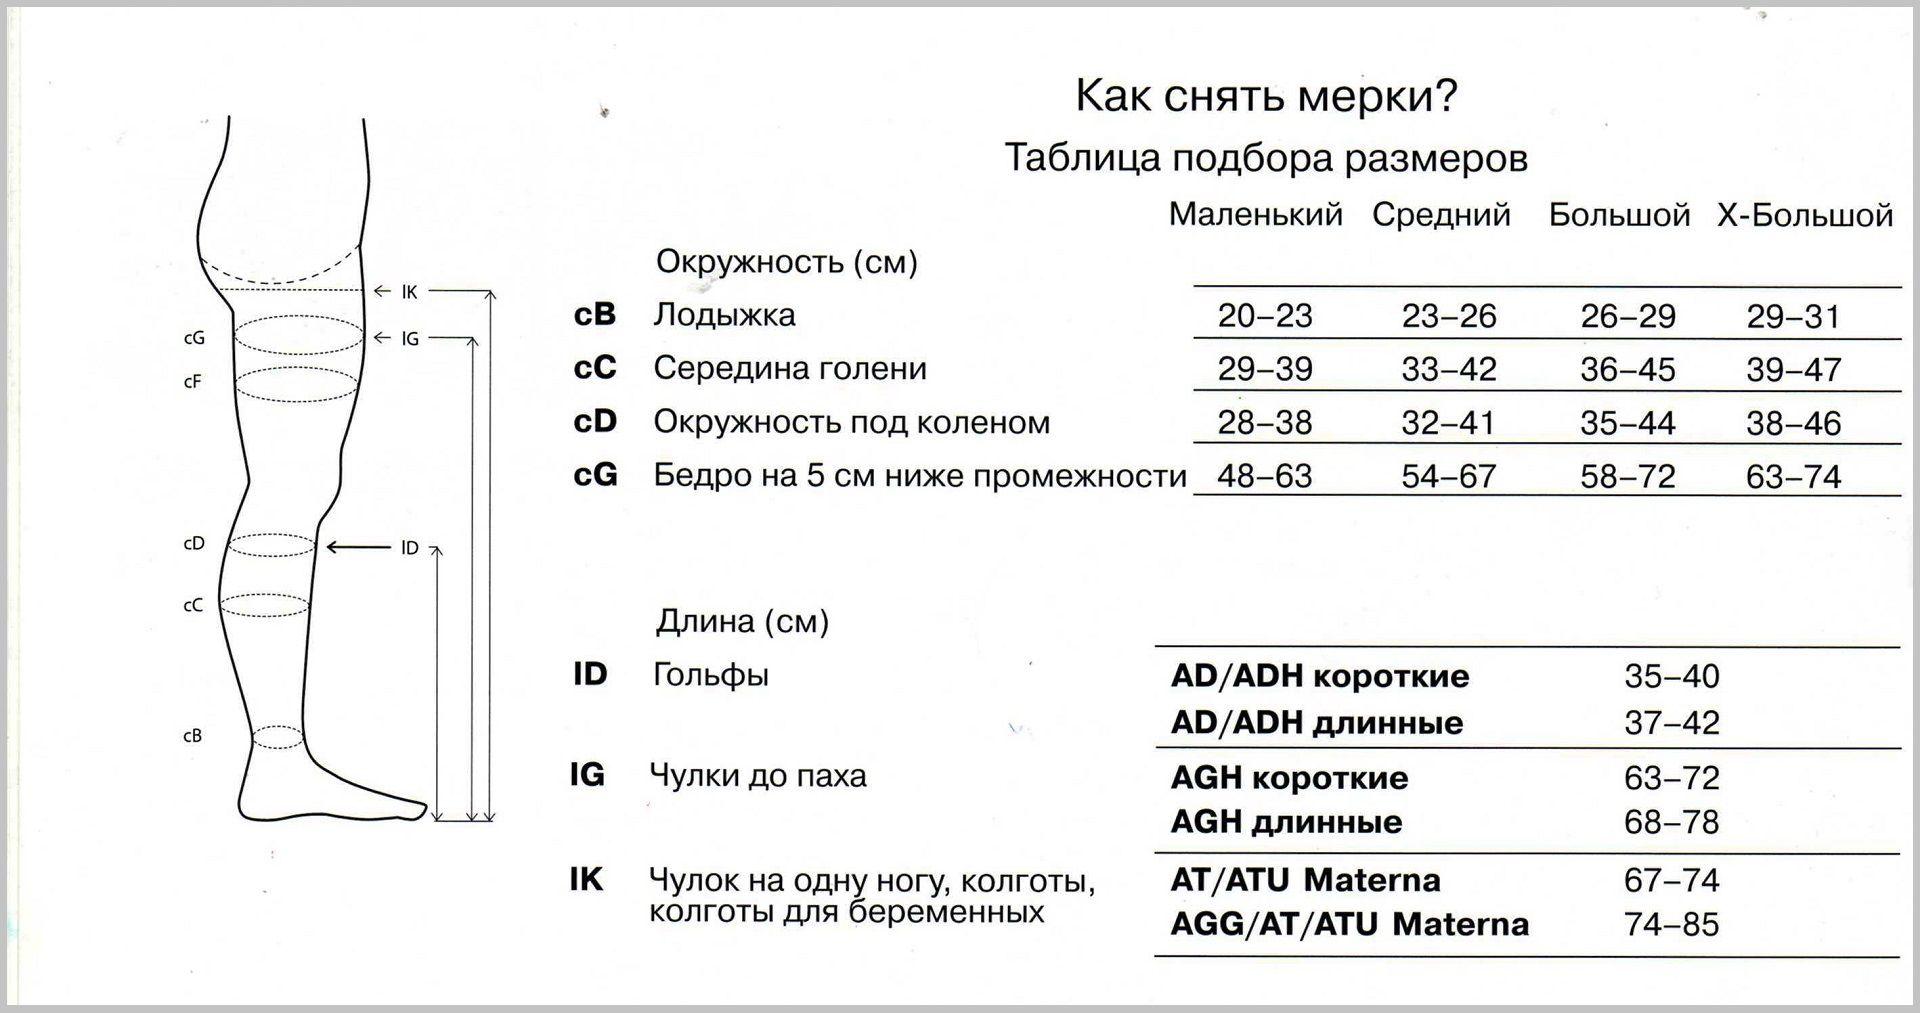 Как снять мерки, таблица подбора размеров